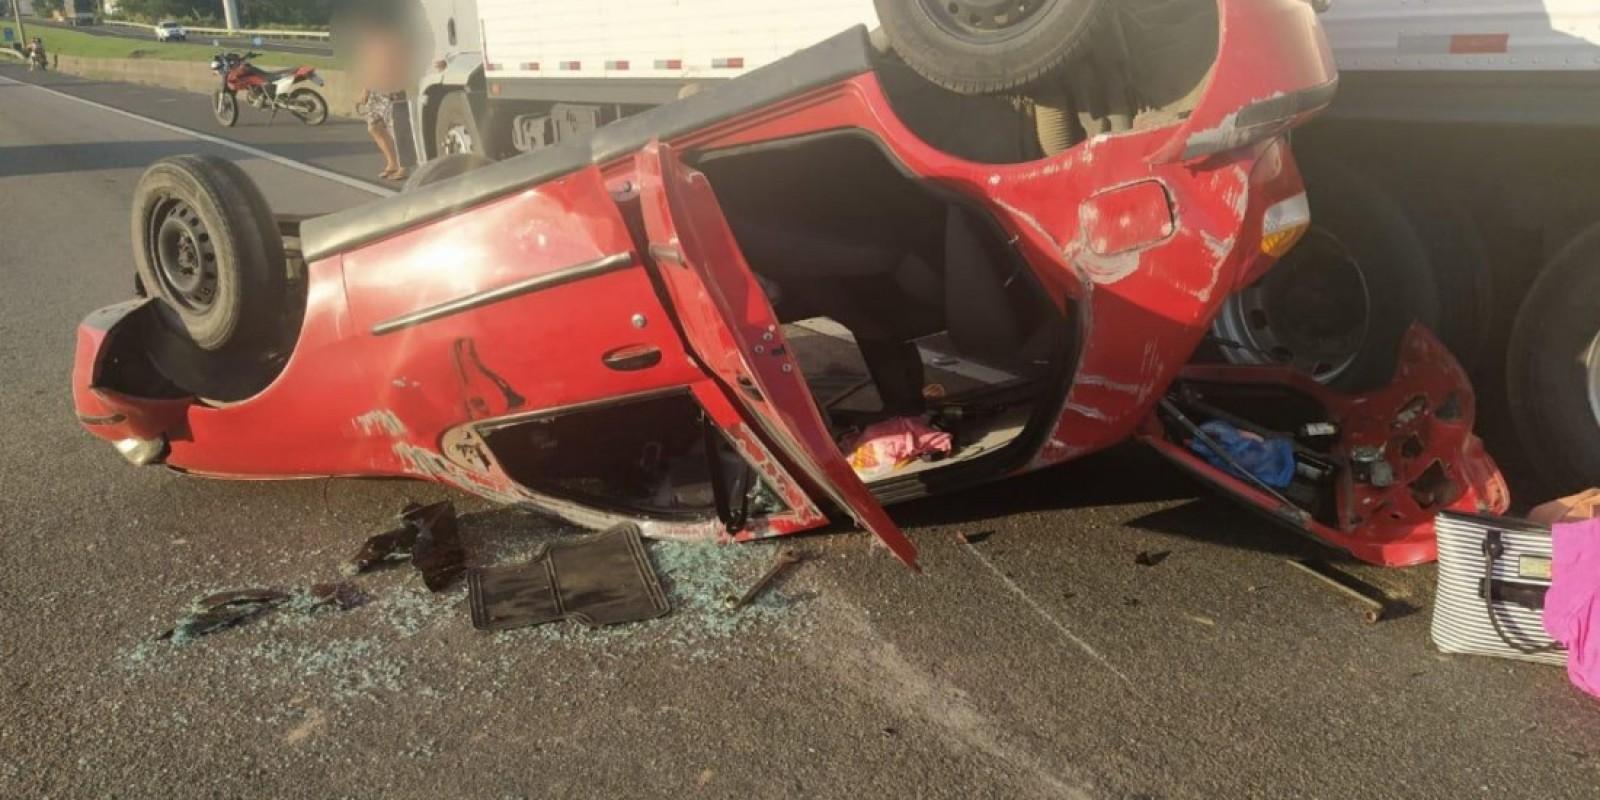 Criança fica ferida após colisão e capotamento de carro na BR-101